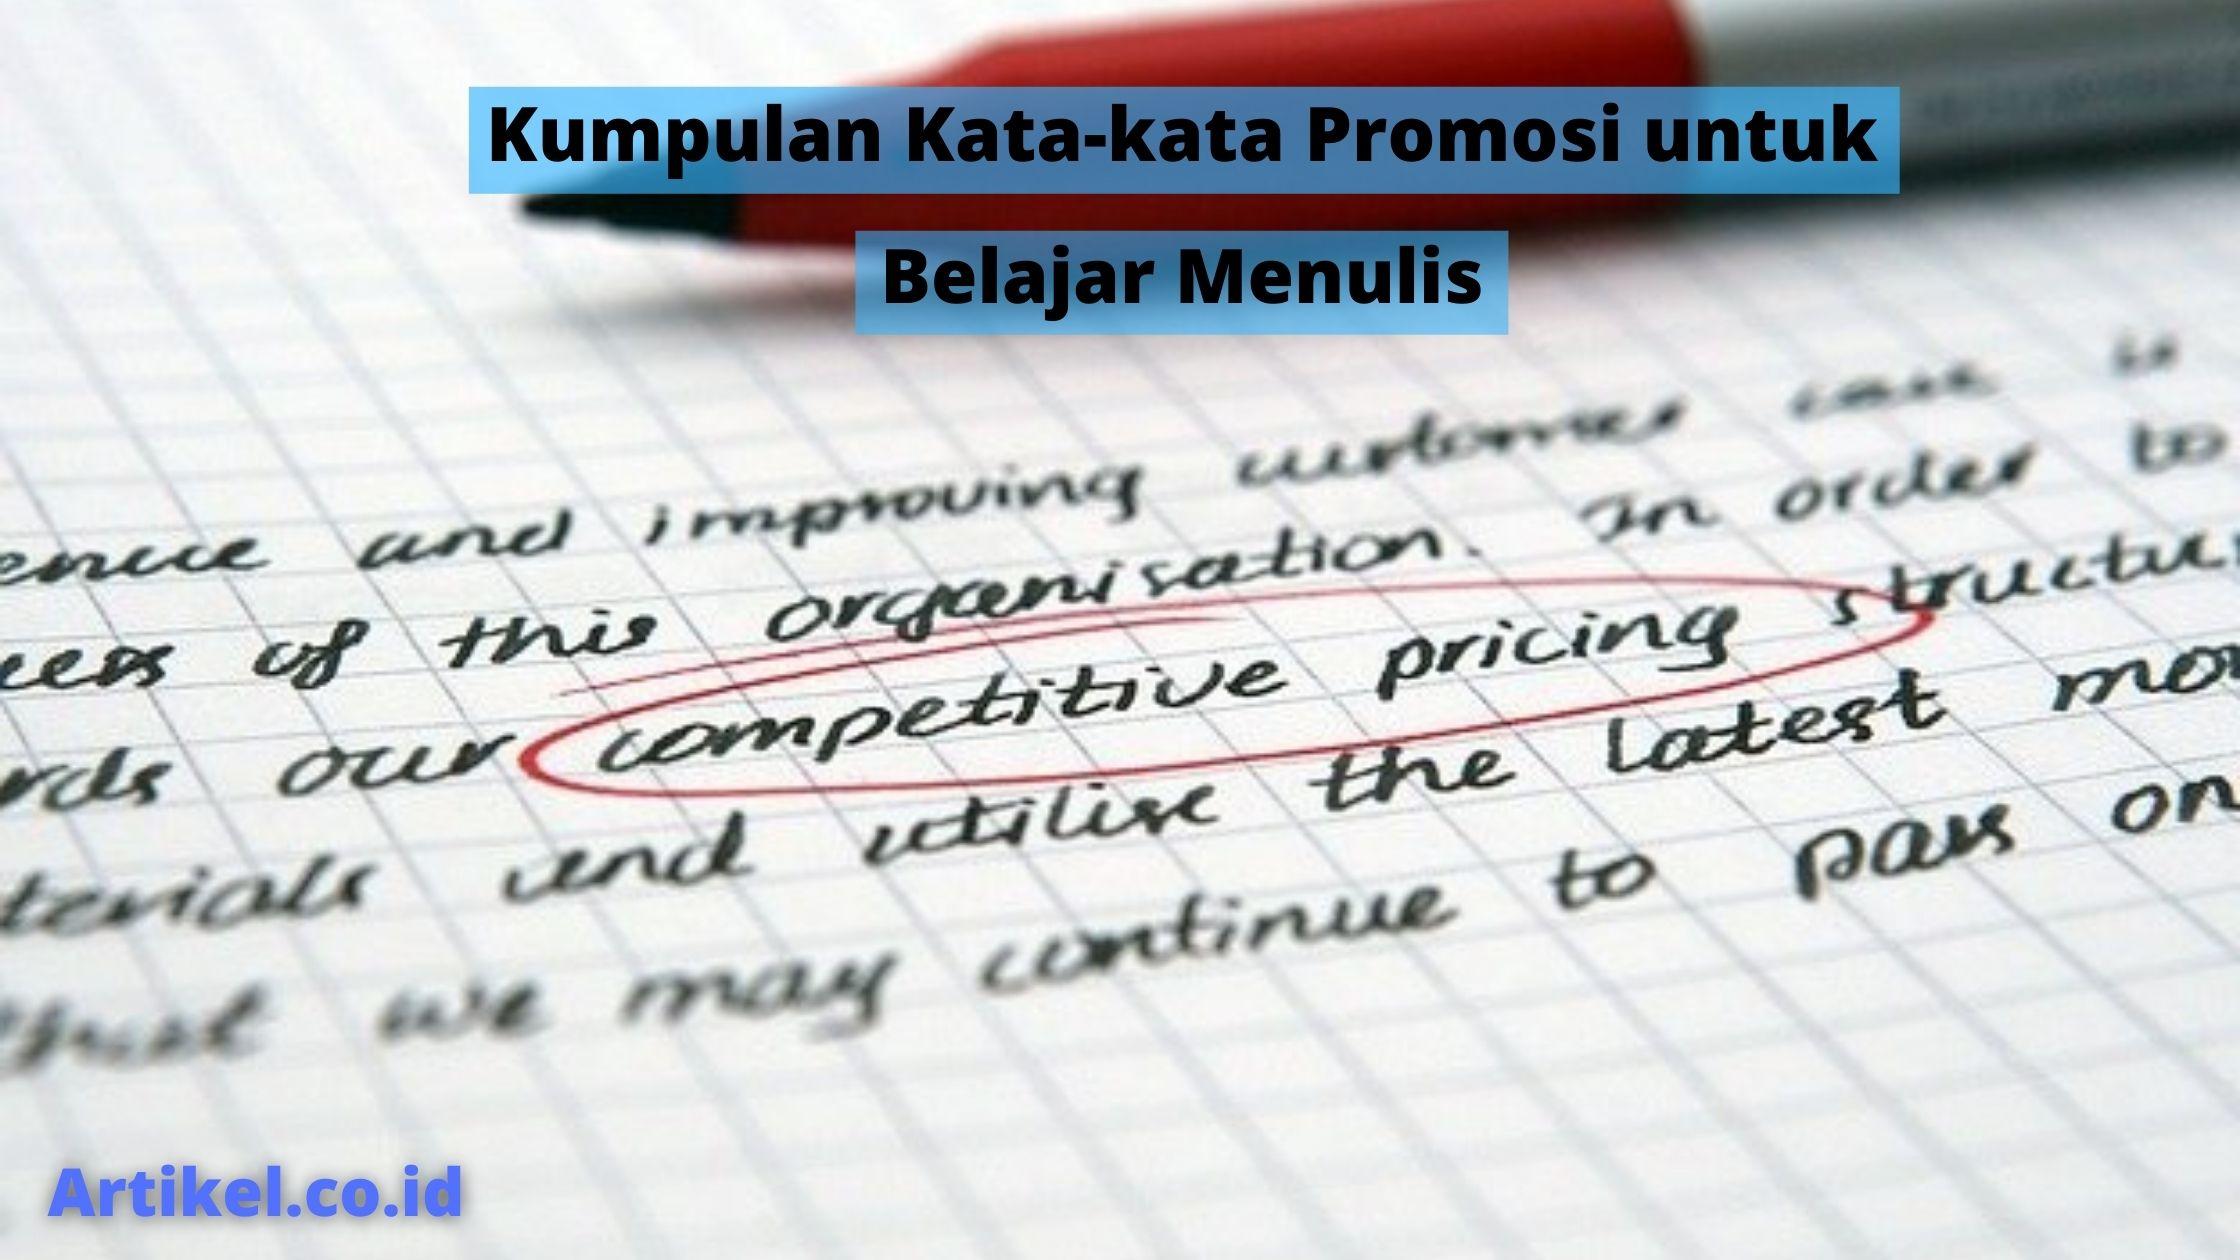 Read more about the article Kumpulan Kata-kata Promosi untuk Belajar Menulis